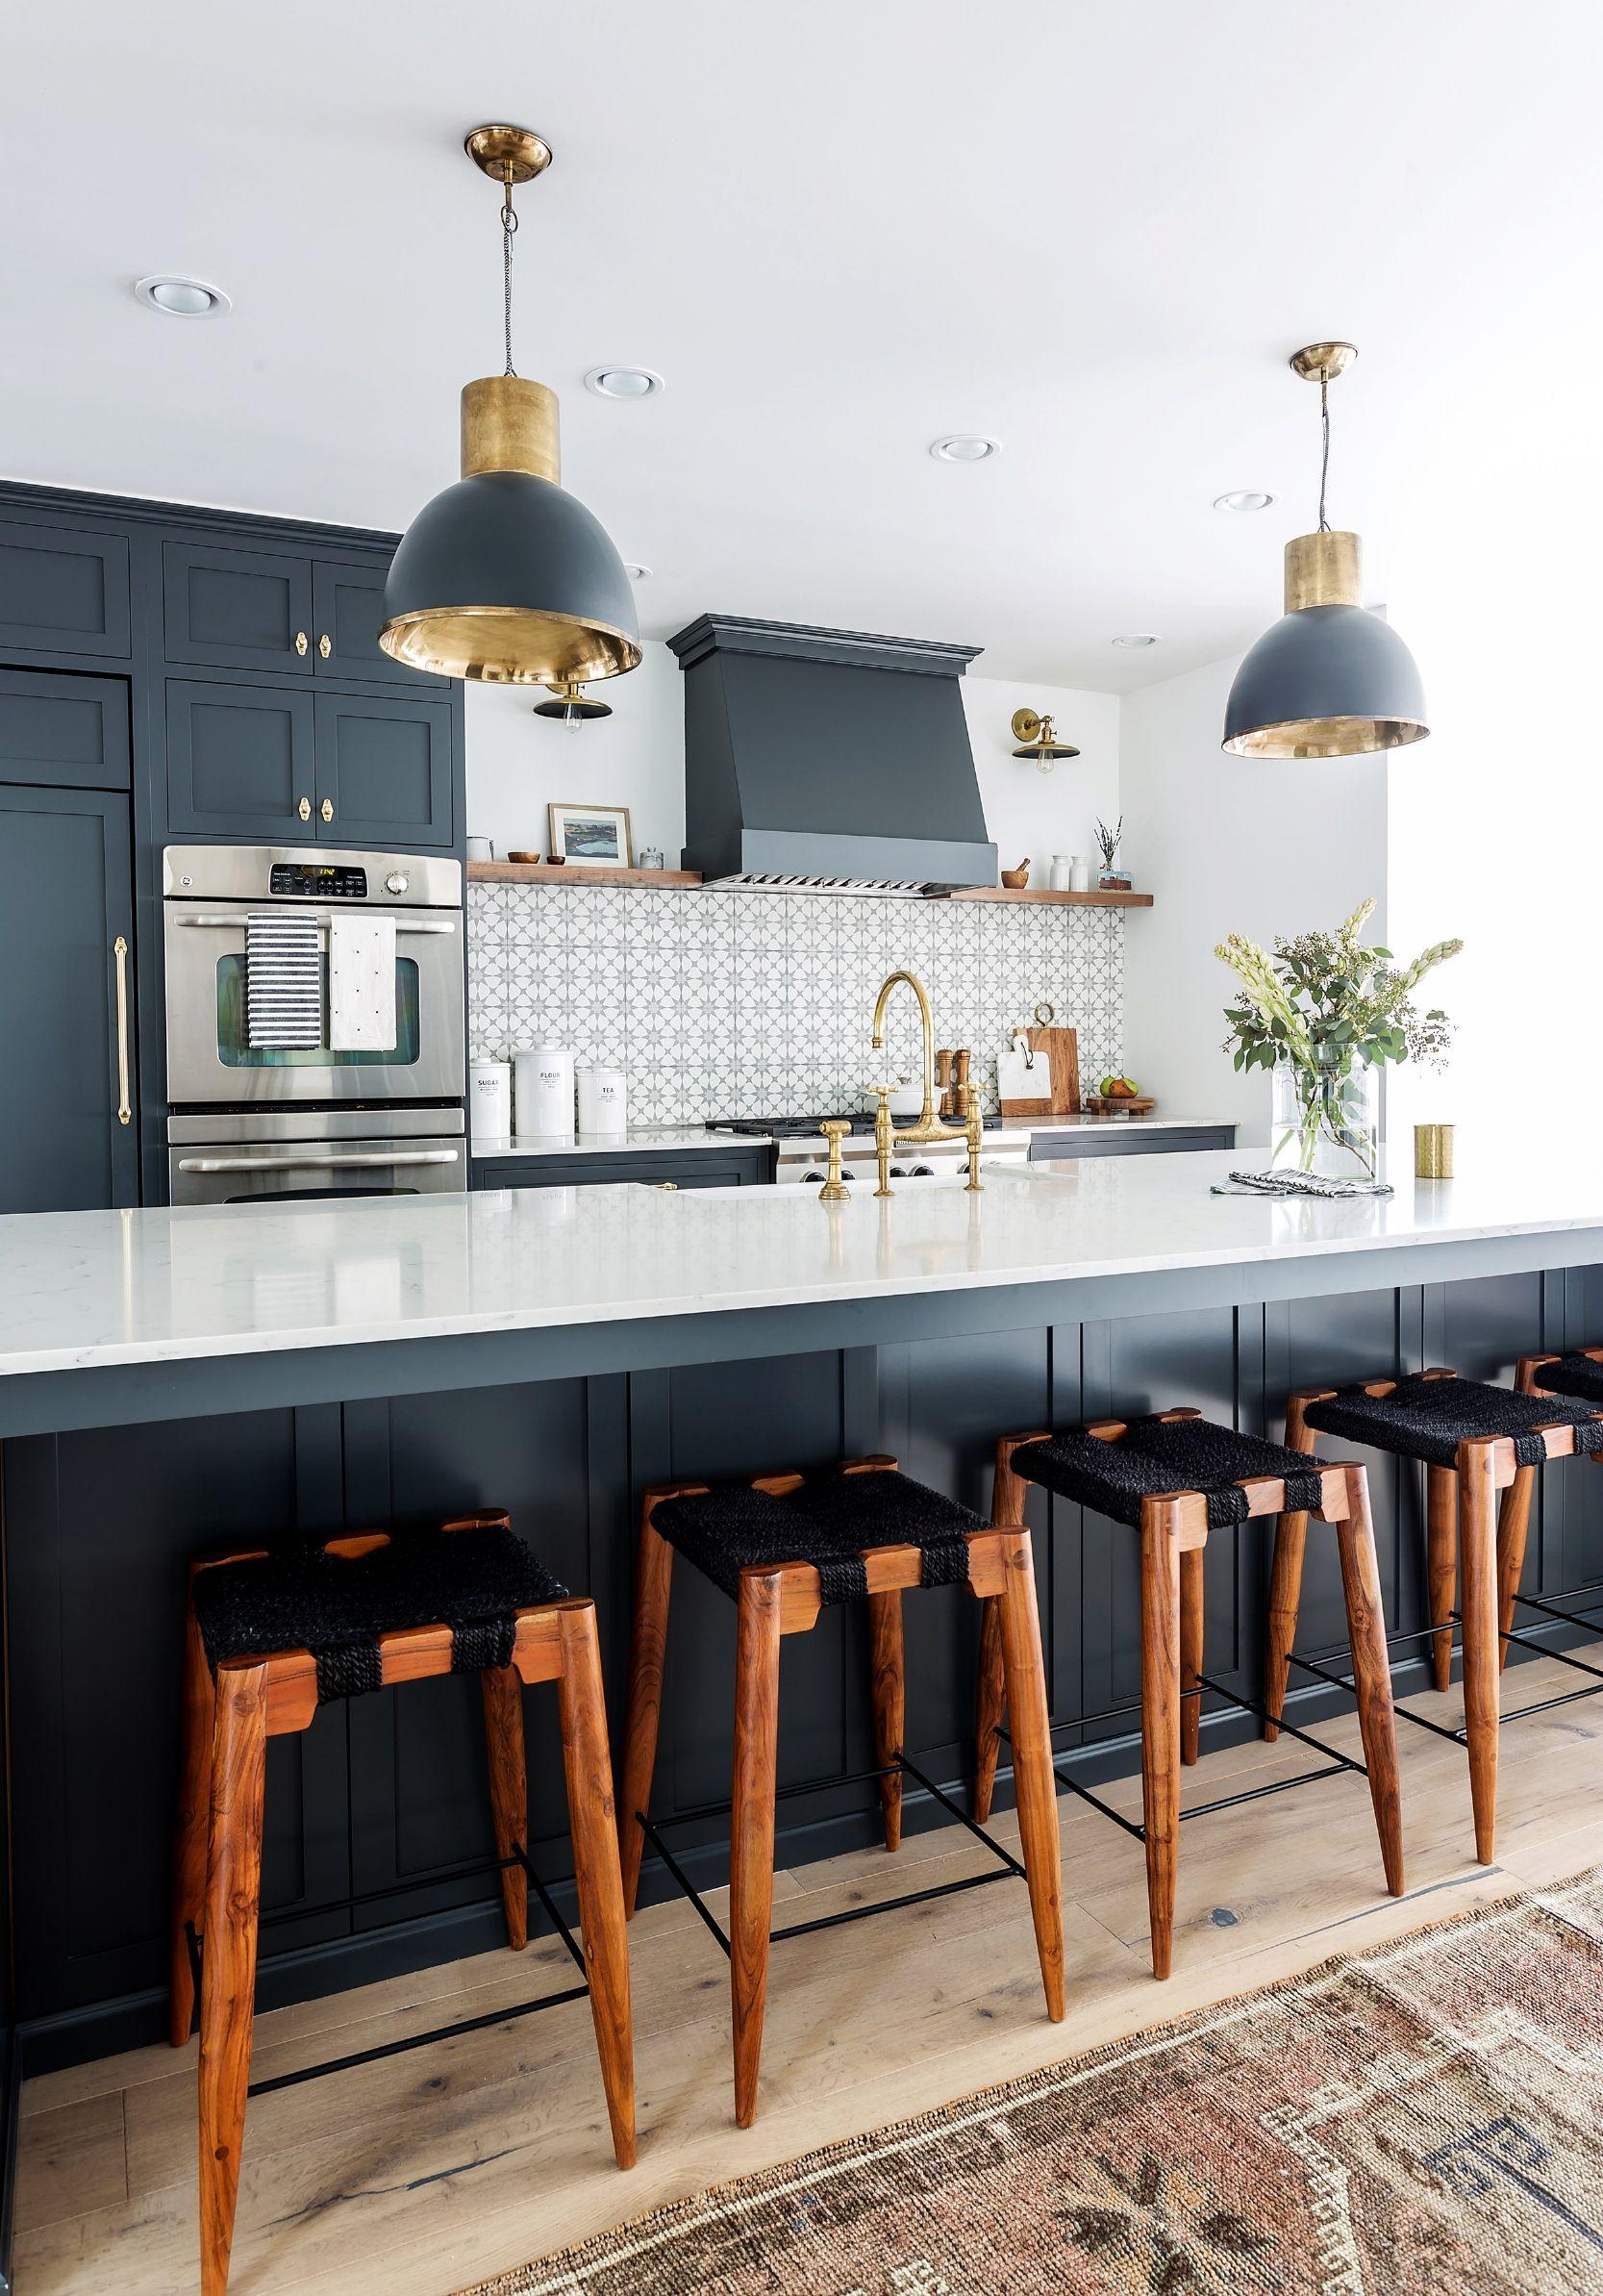 clementine interiors navy blue kitchen interiordesign interiorinspiration kitchendesign on kitchen decor navy id=50820